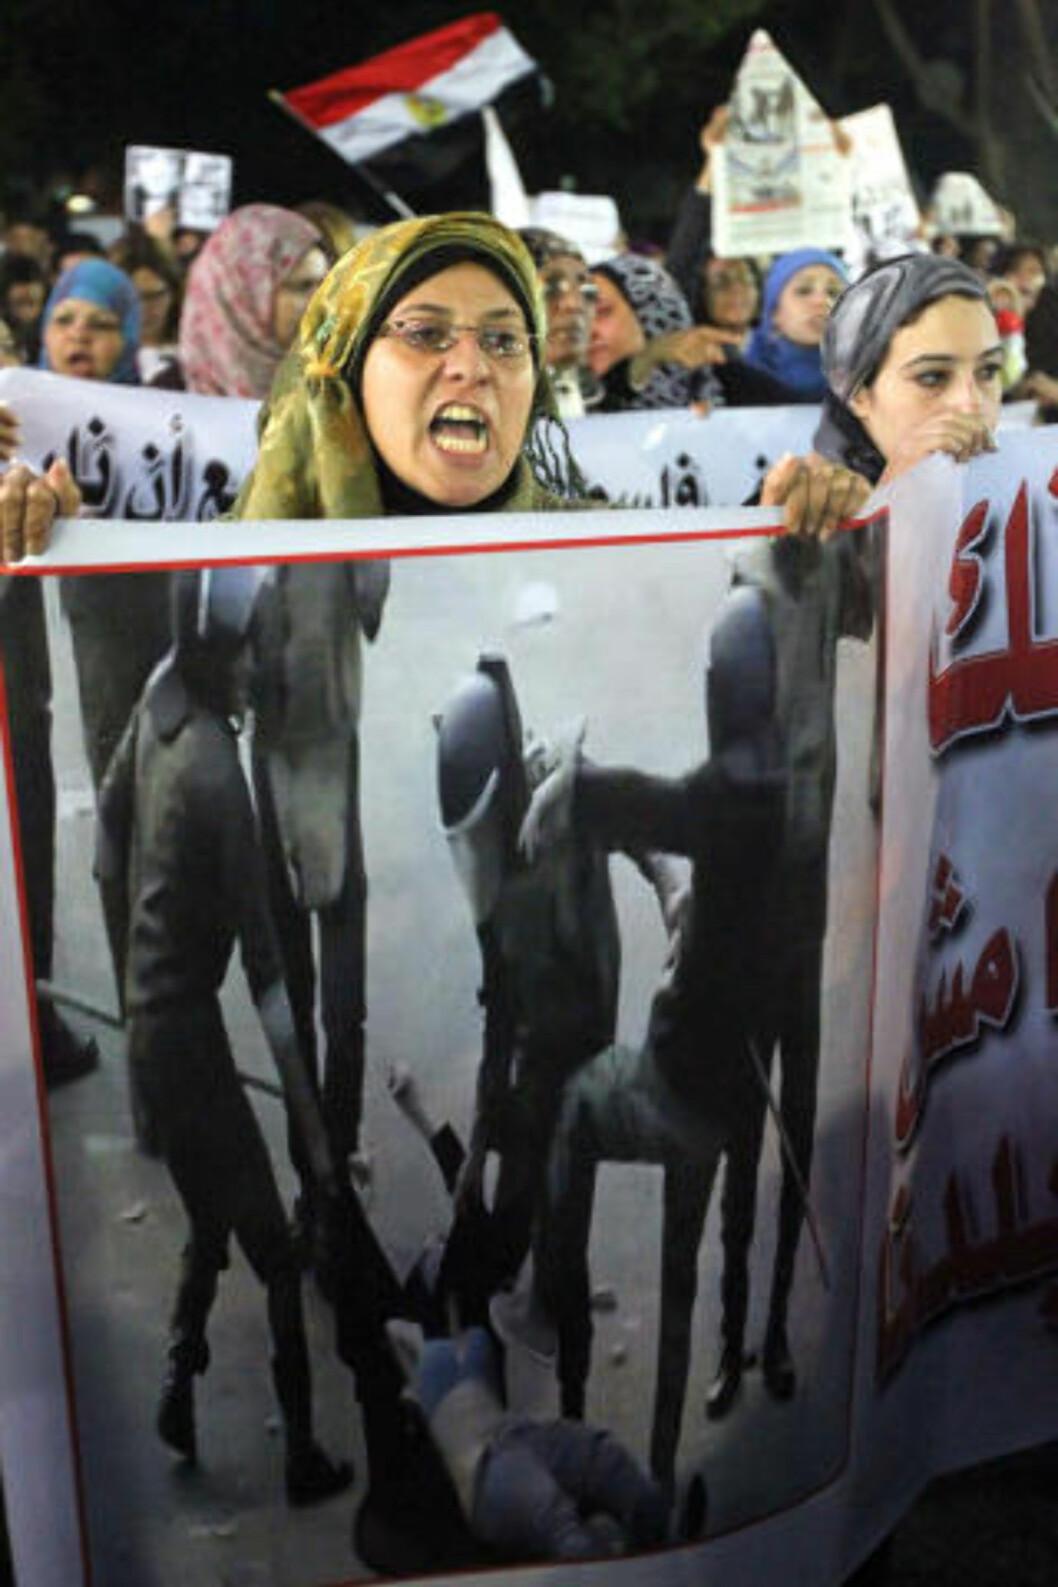 <strong>VIL HA EN SLUTT PÅ VOLDEN:</strong> 20. desember strømmet egyptiske kvinner ut i gatene i Kairo for å vise avsky mot vold mot kvinner. Her holder en kvinne opp bilder hvor en kvinnelig demonstrant bankes opp av soldater. Foto: AFP PHOTO/KHALED DESOUKI